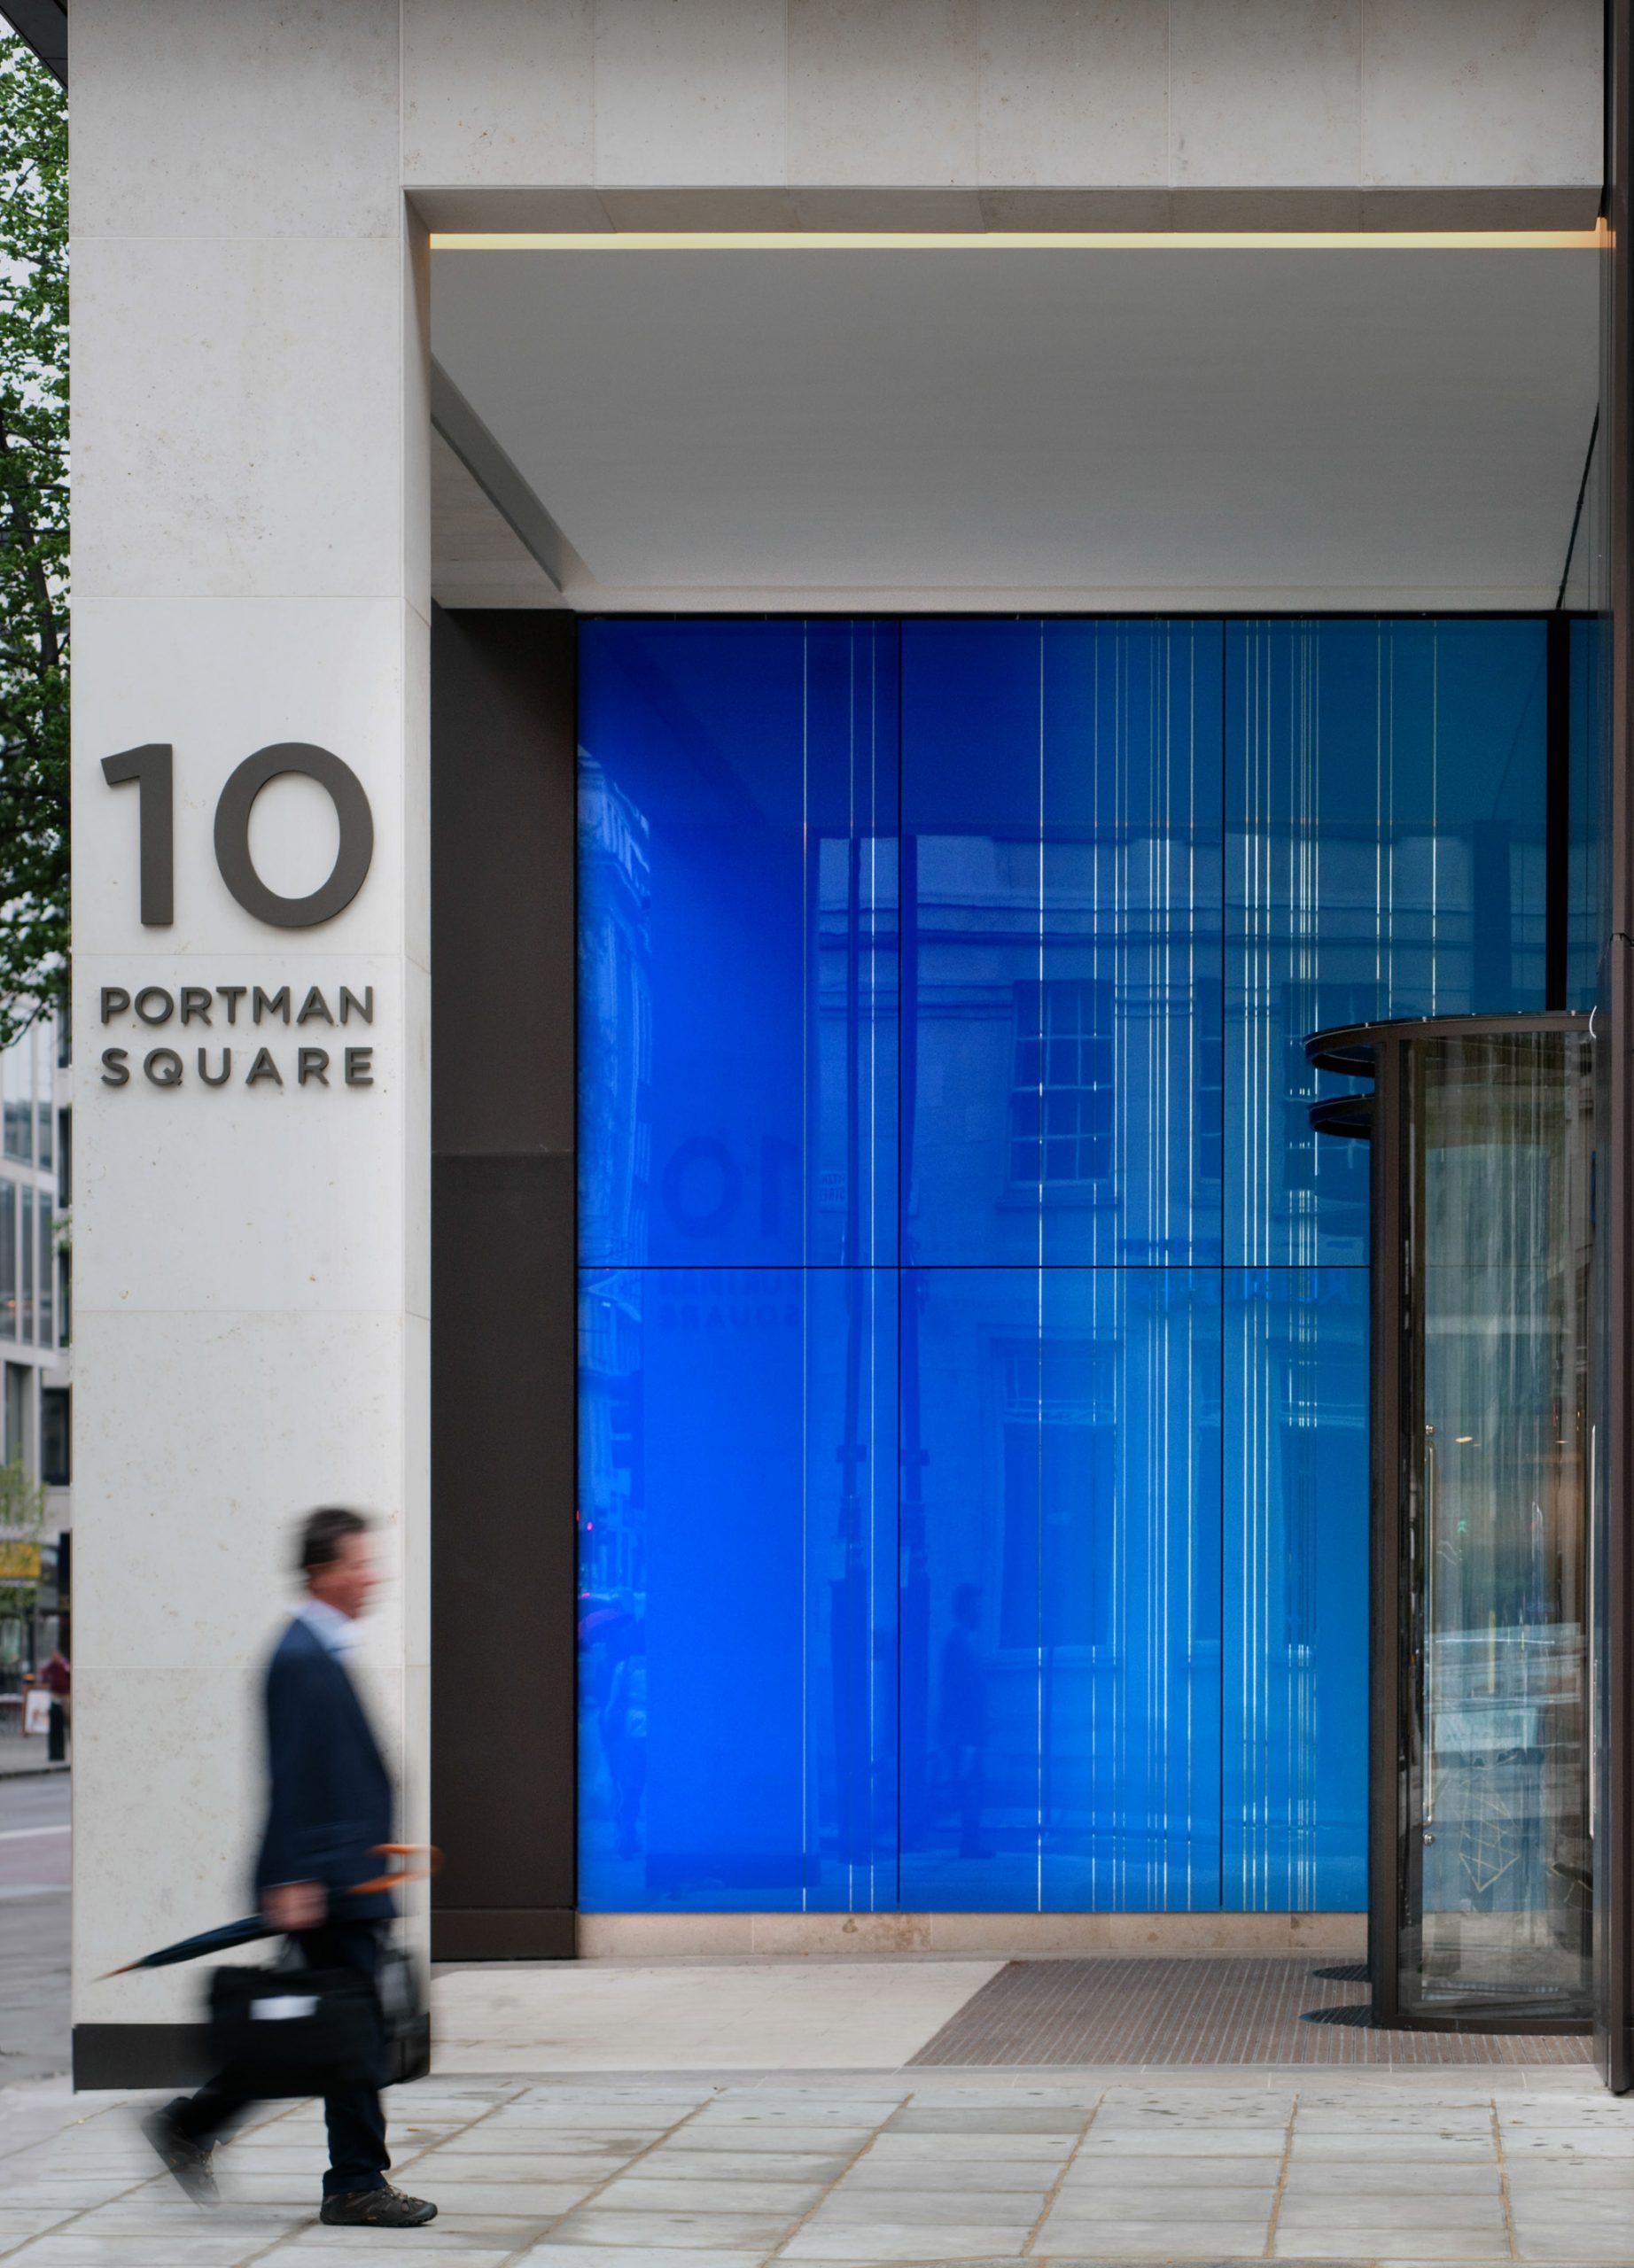 10 Portman Square, London